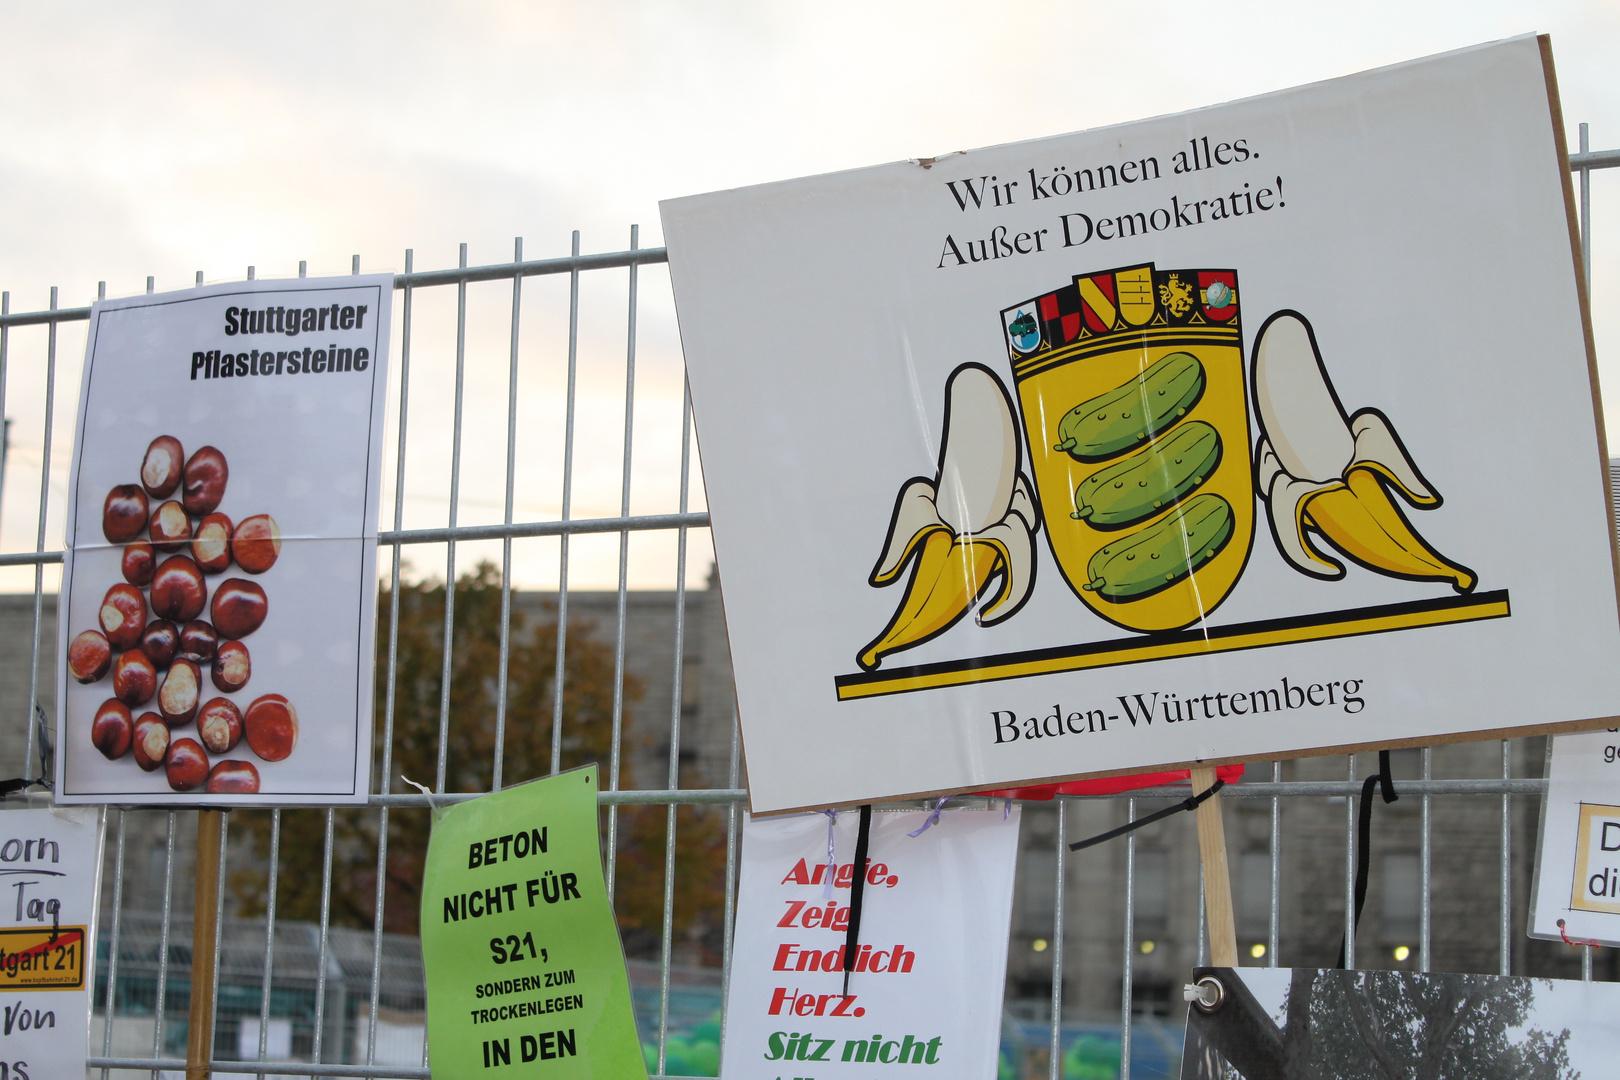 Plakat am ZAUN: Gurken und Bananen - Stuttgart K21 28.10.2010